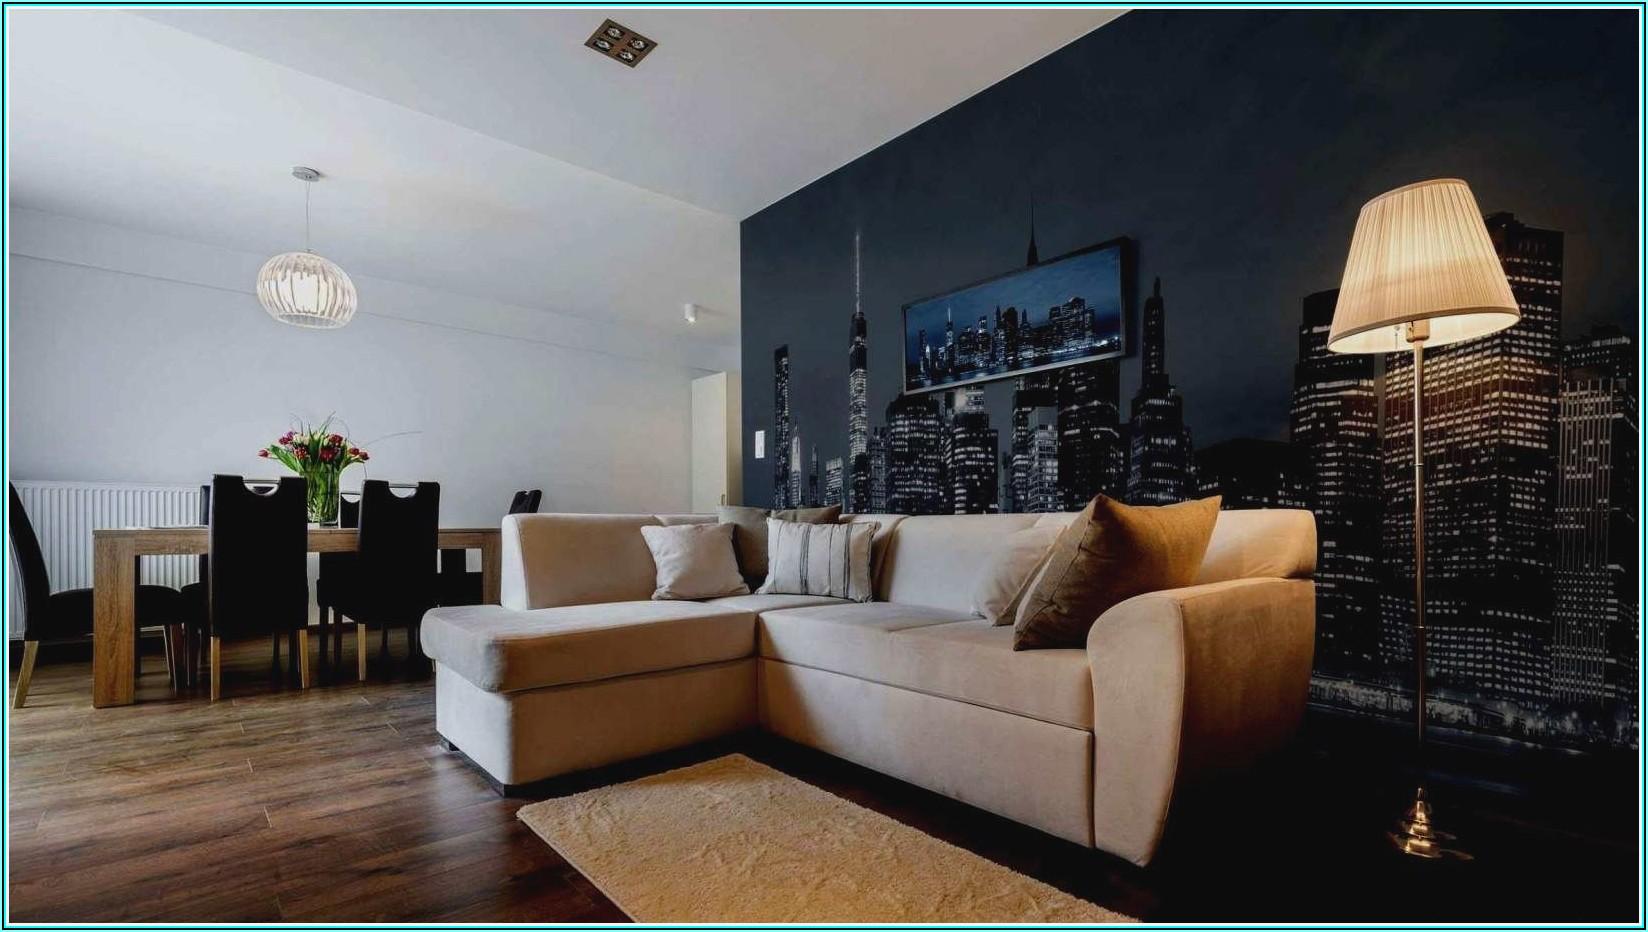 Bilder Wohnzimmer Mit Rahmen